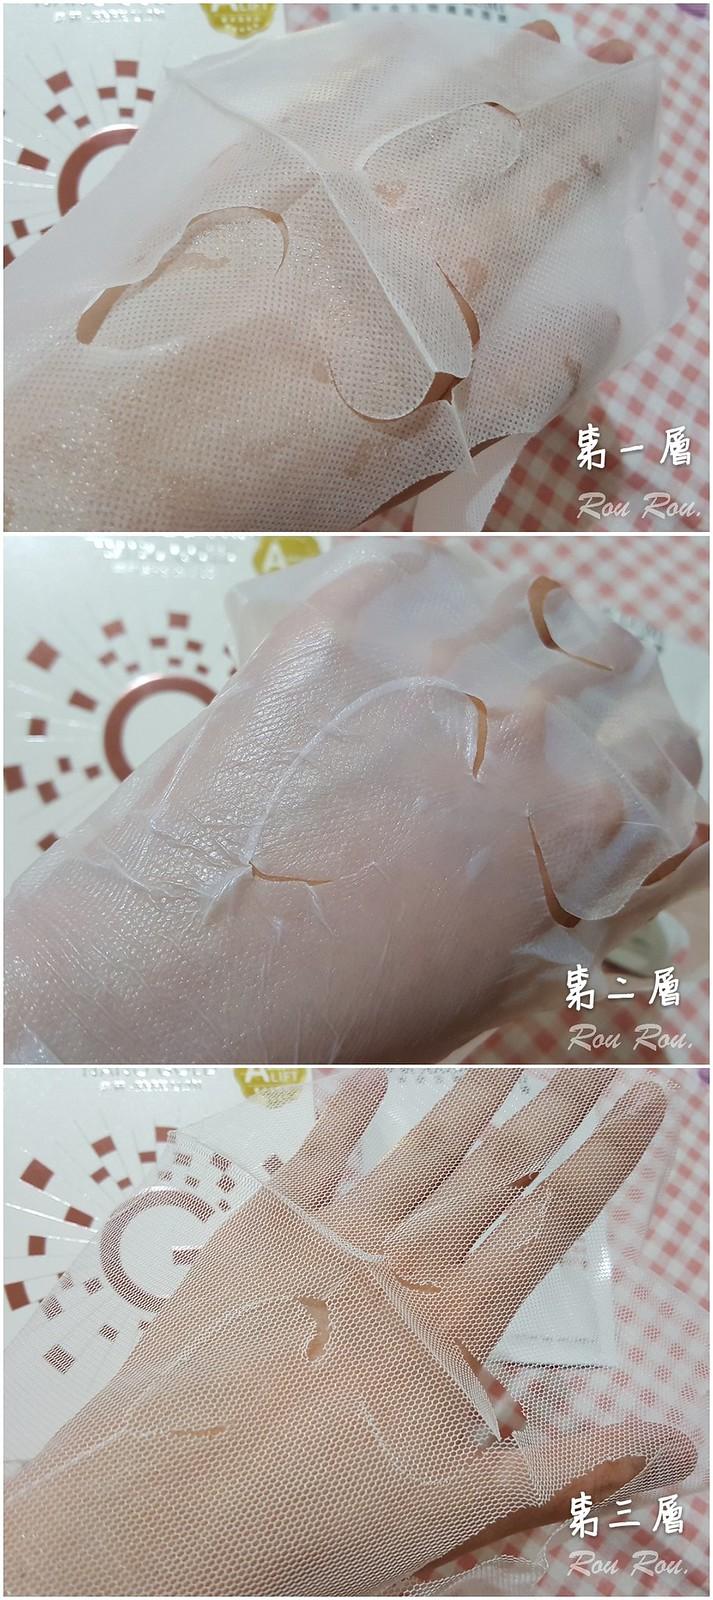 霈研PHAIRIENCE-ARBRE_LUMI黃金喚采全效修護生物纖維面膜8[1]